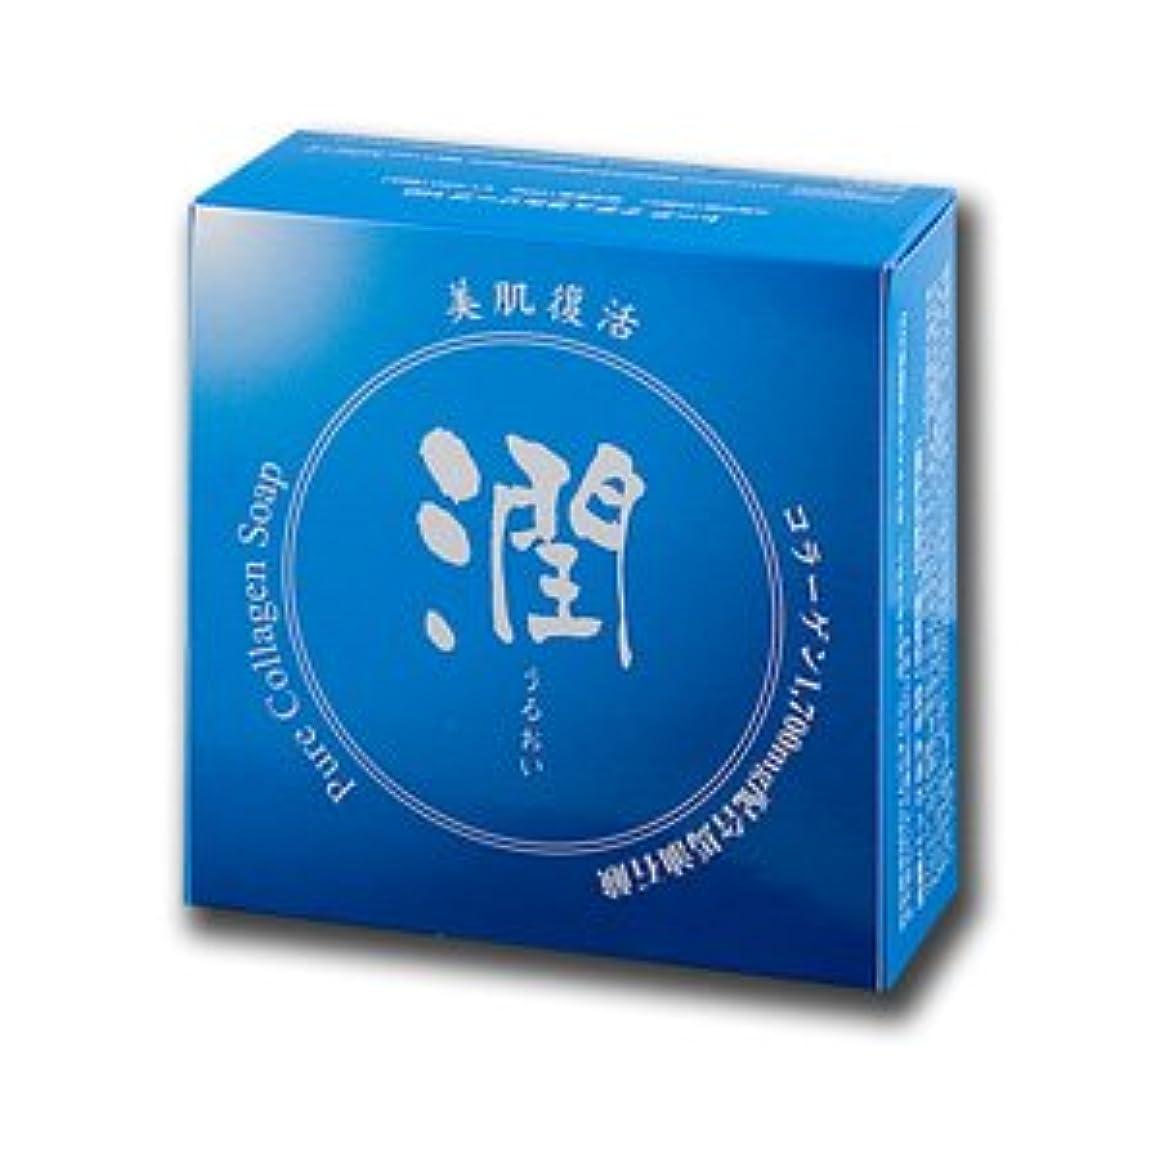 労働者性的山コラーゲン馬油石鹸 潤 100g (#800410) ×5個セット